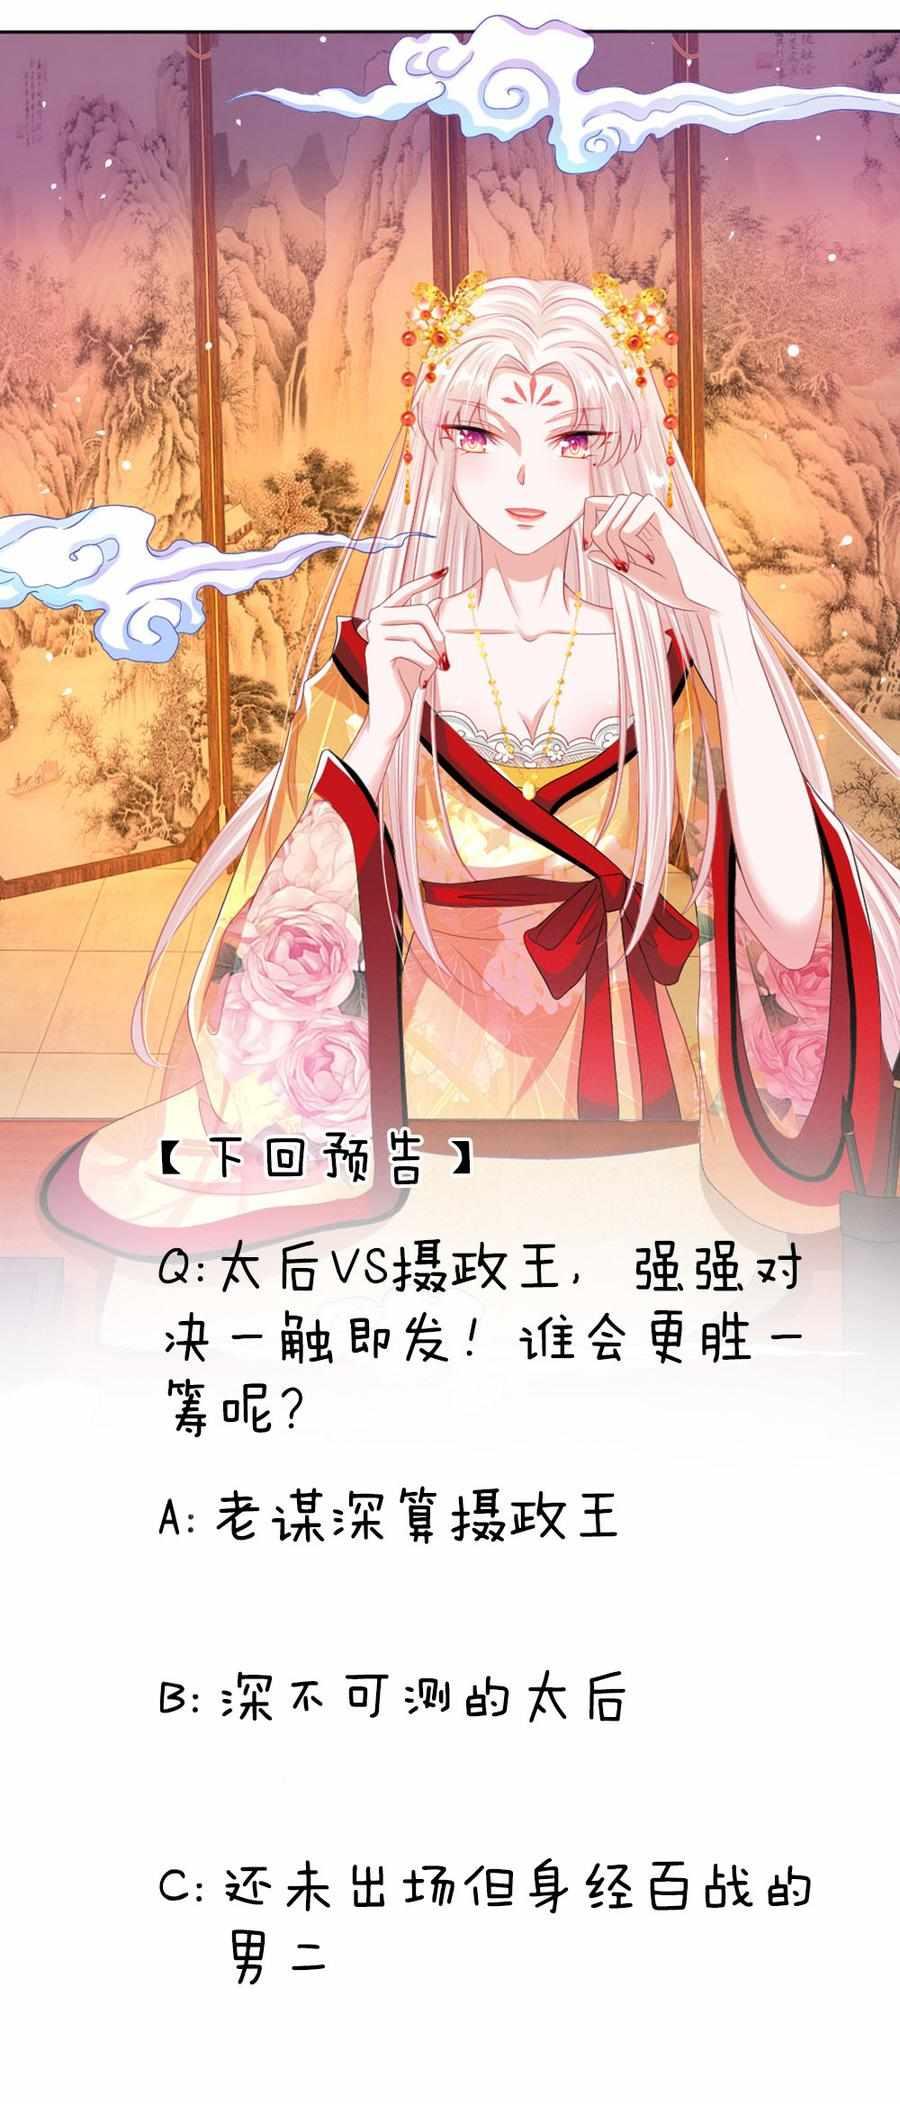 温柔暴君:摄政王爷太凶猛第17话  第17话 后母们的茶会 第 21